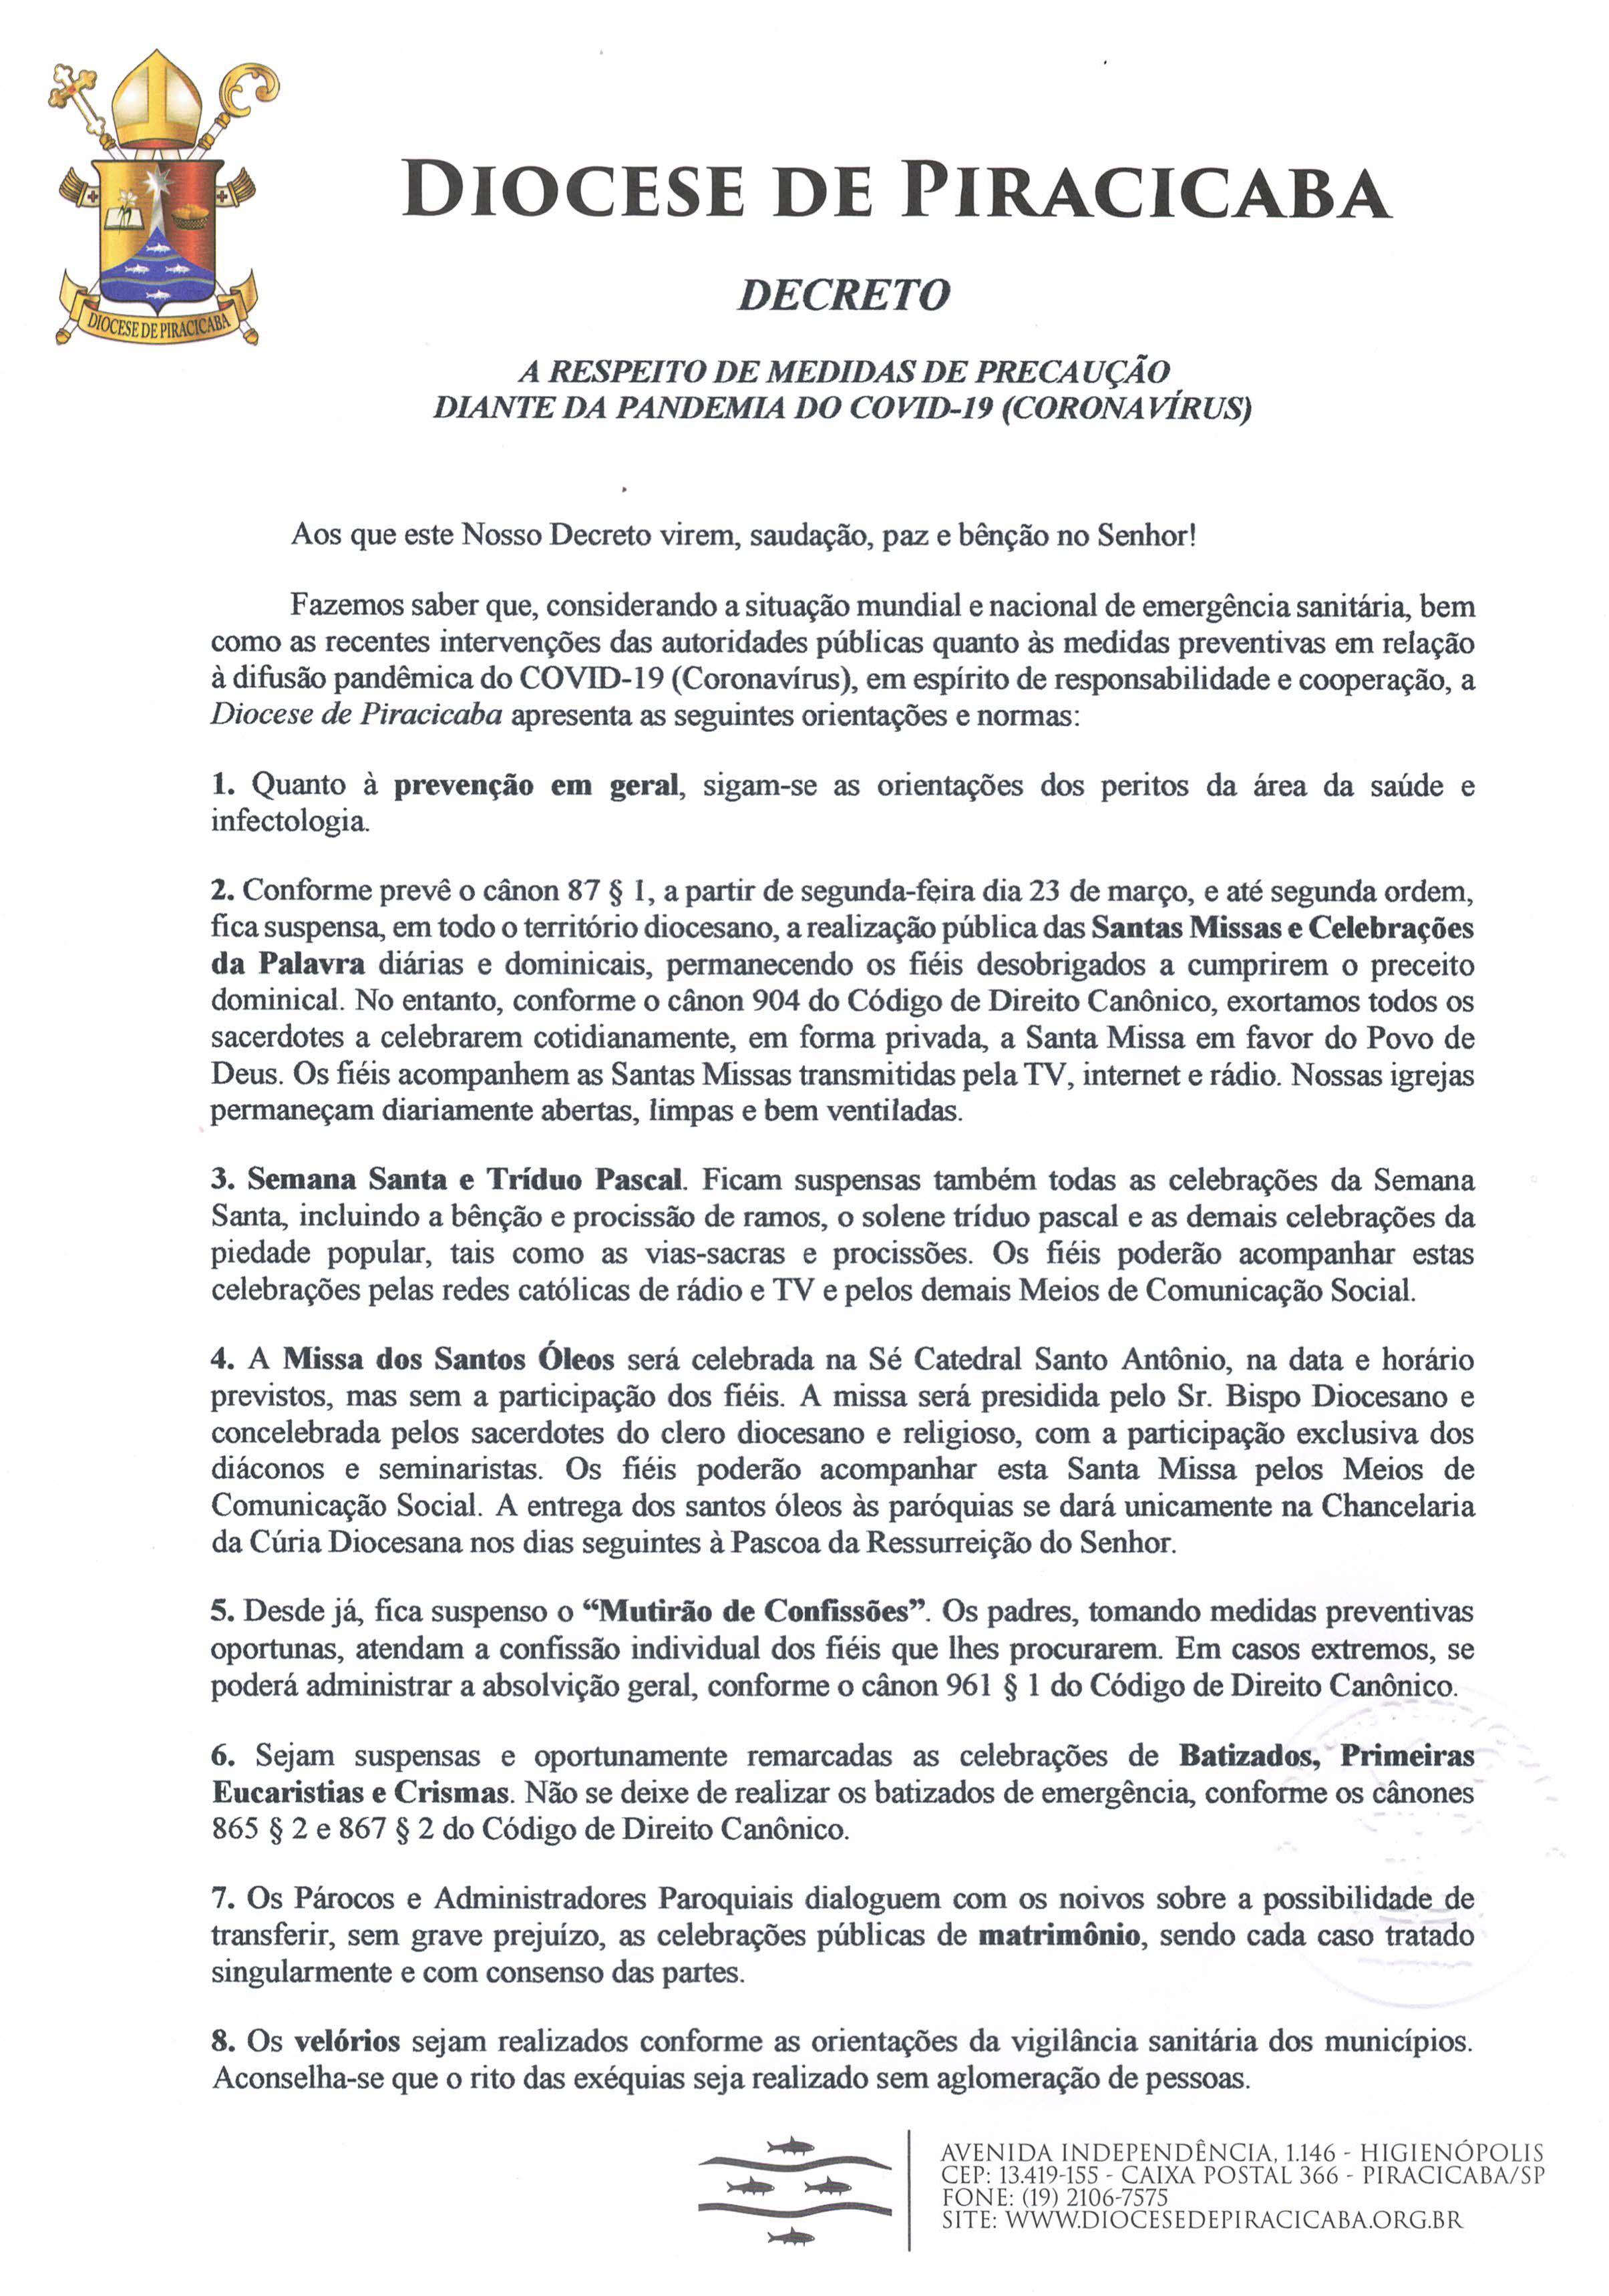 DECRETO - A respeito de medidas de precaução diante da pandemia do Covid-19 (Coronavírus)-1